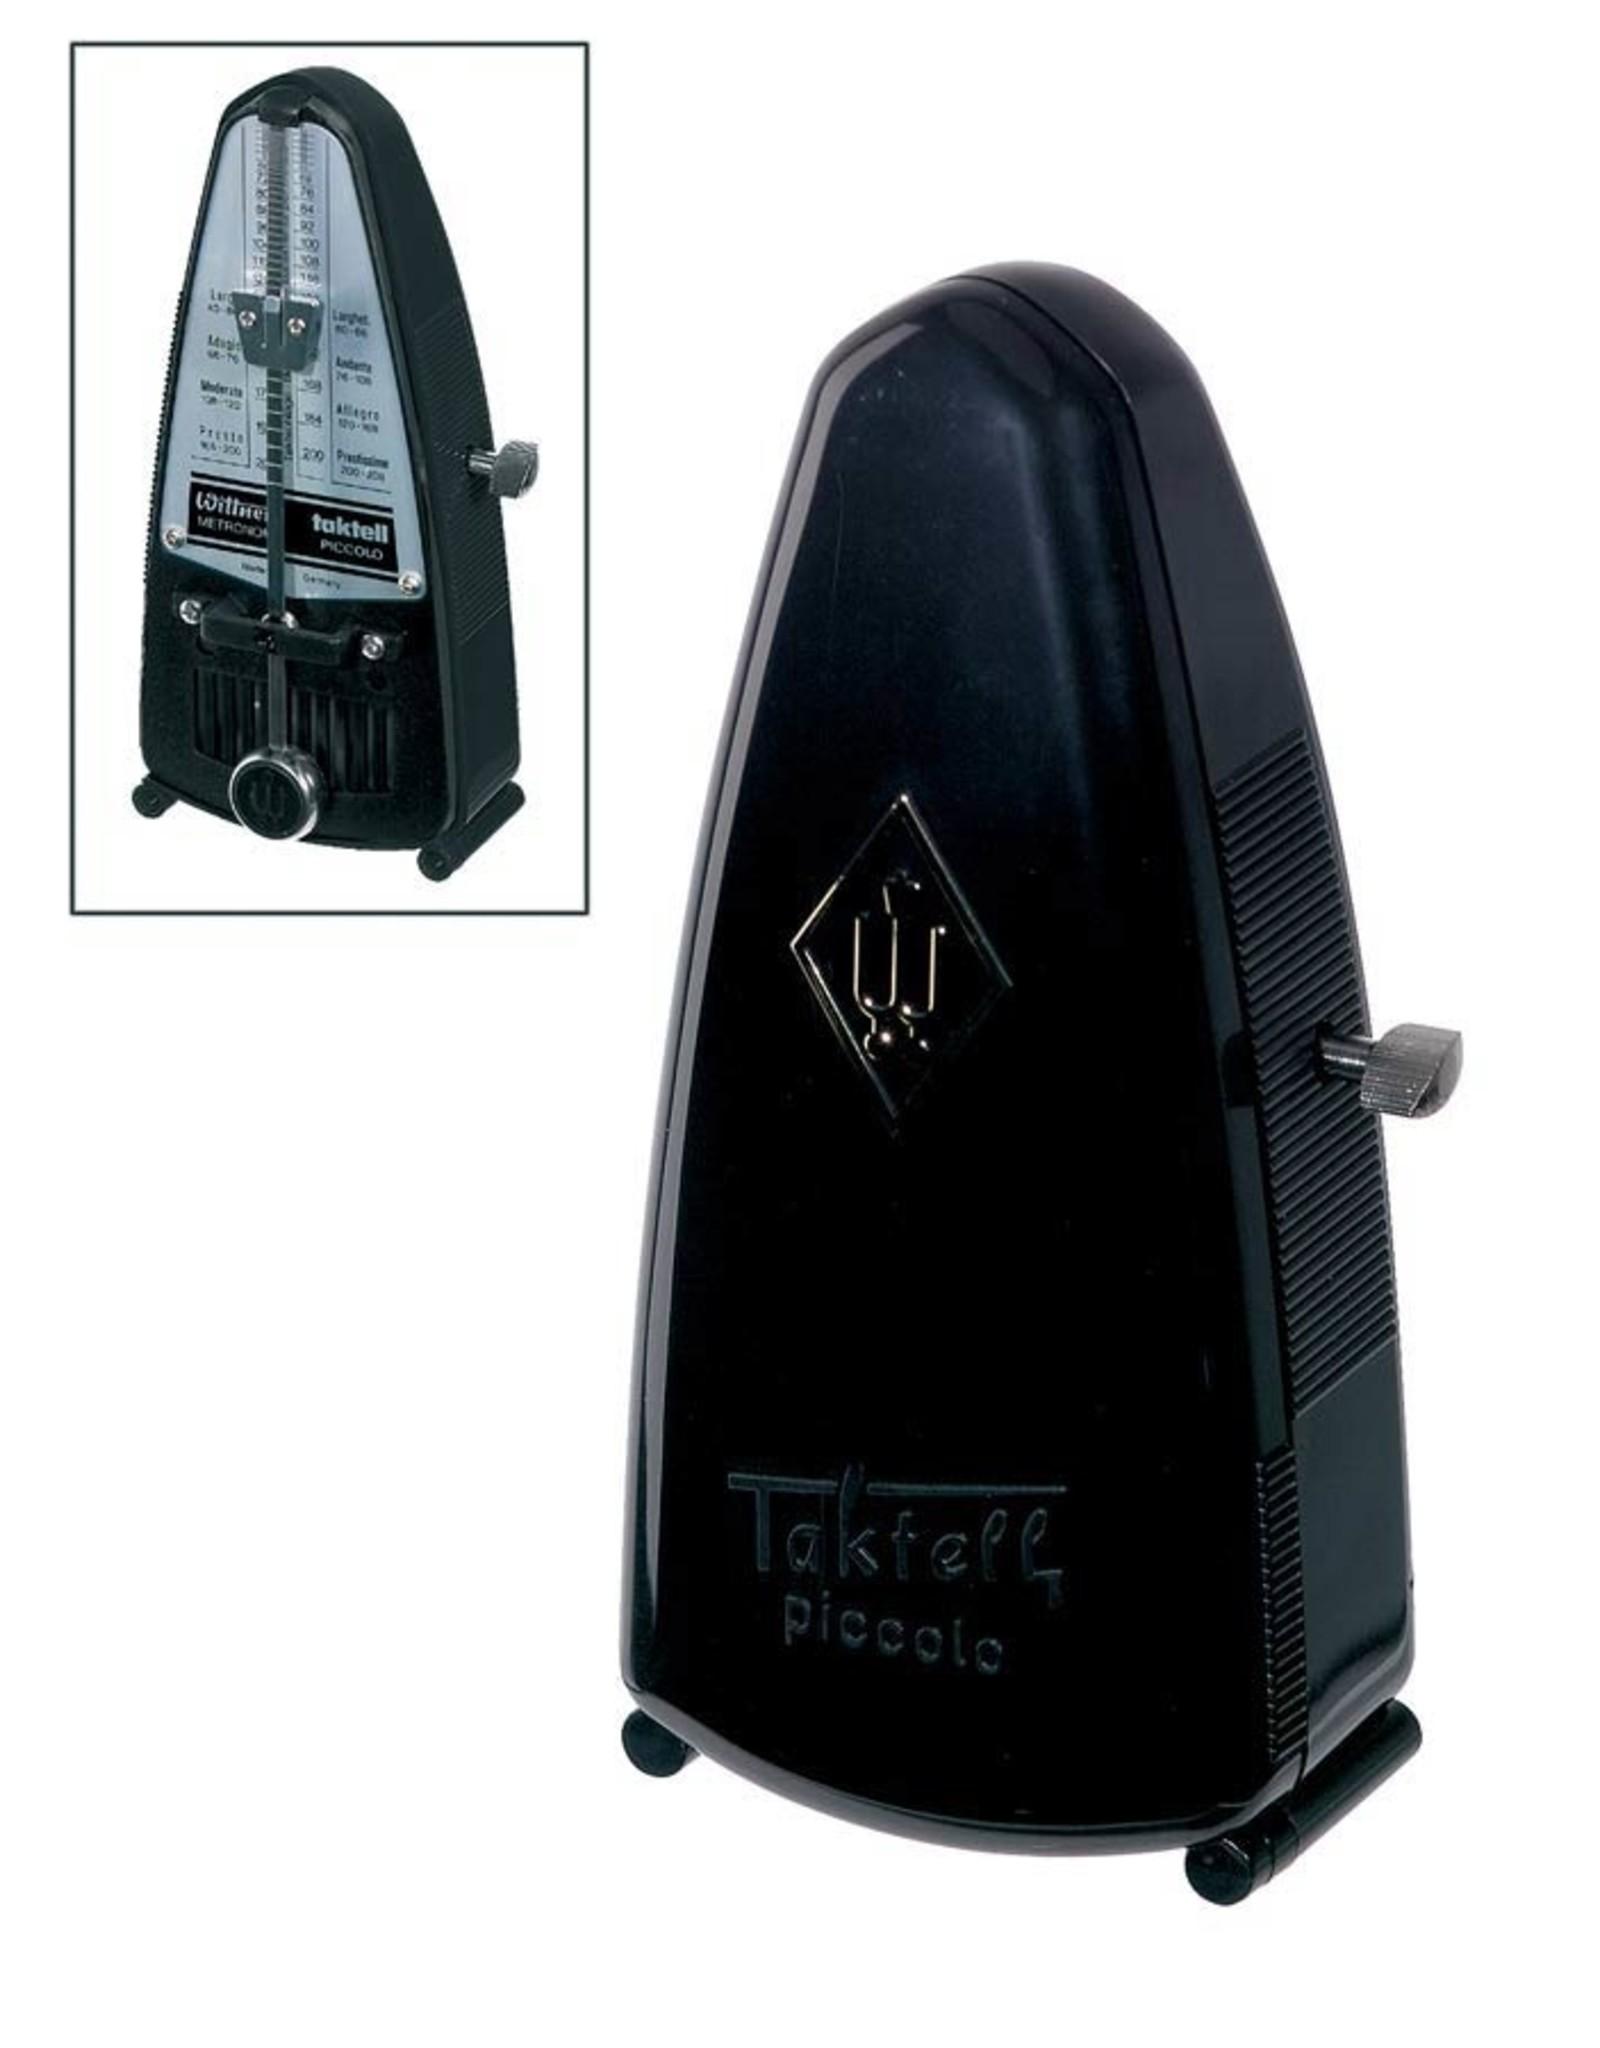 Wittner Wittner Taktell Piccolo mechanische metronoom 836 zwart